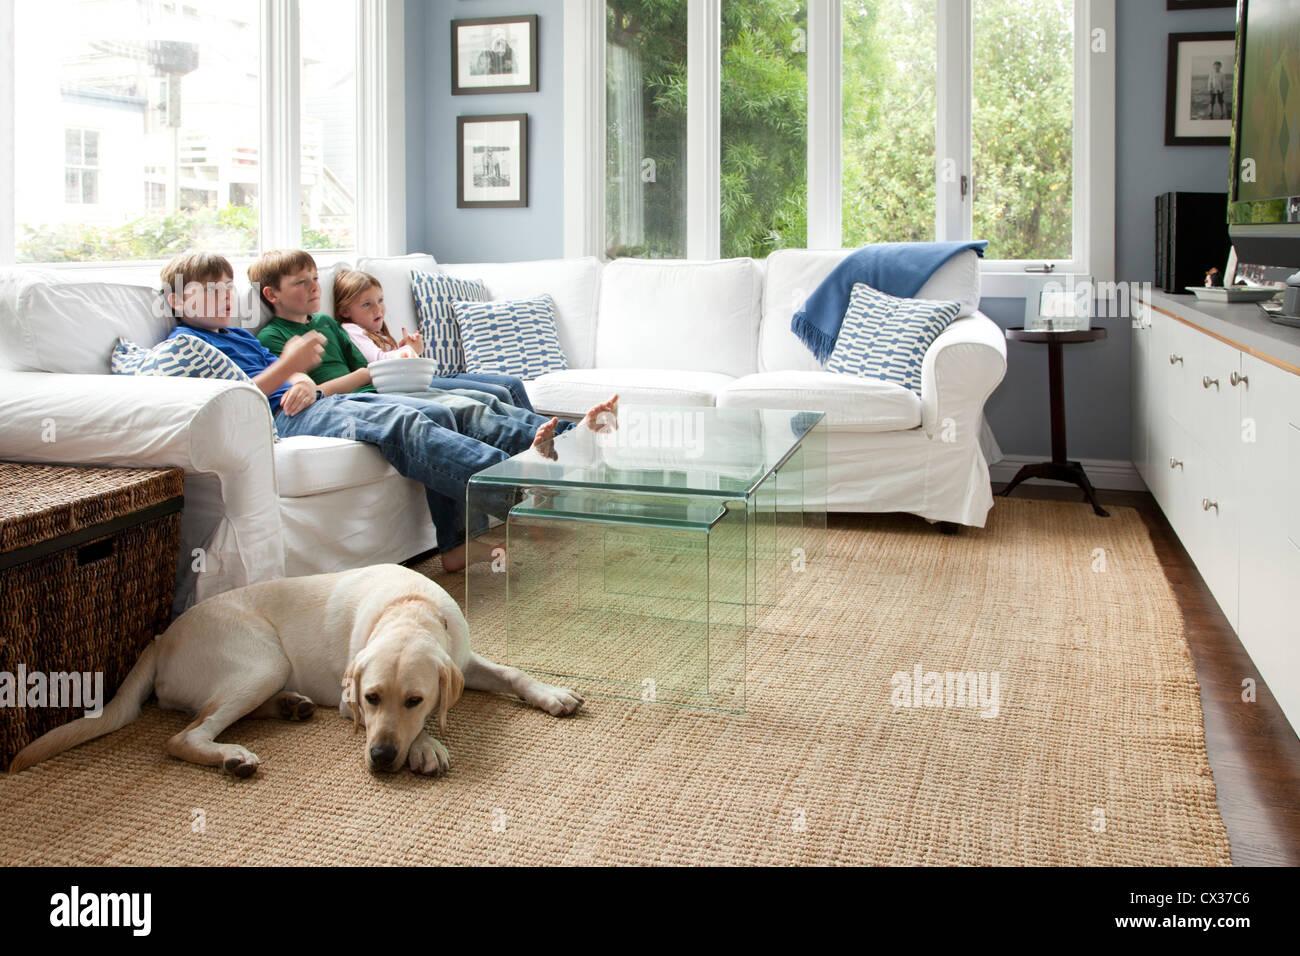 Drei Kinder Sind Auf Der Couch Vor Dem Fernseher Stockfoto Bild